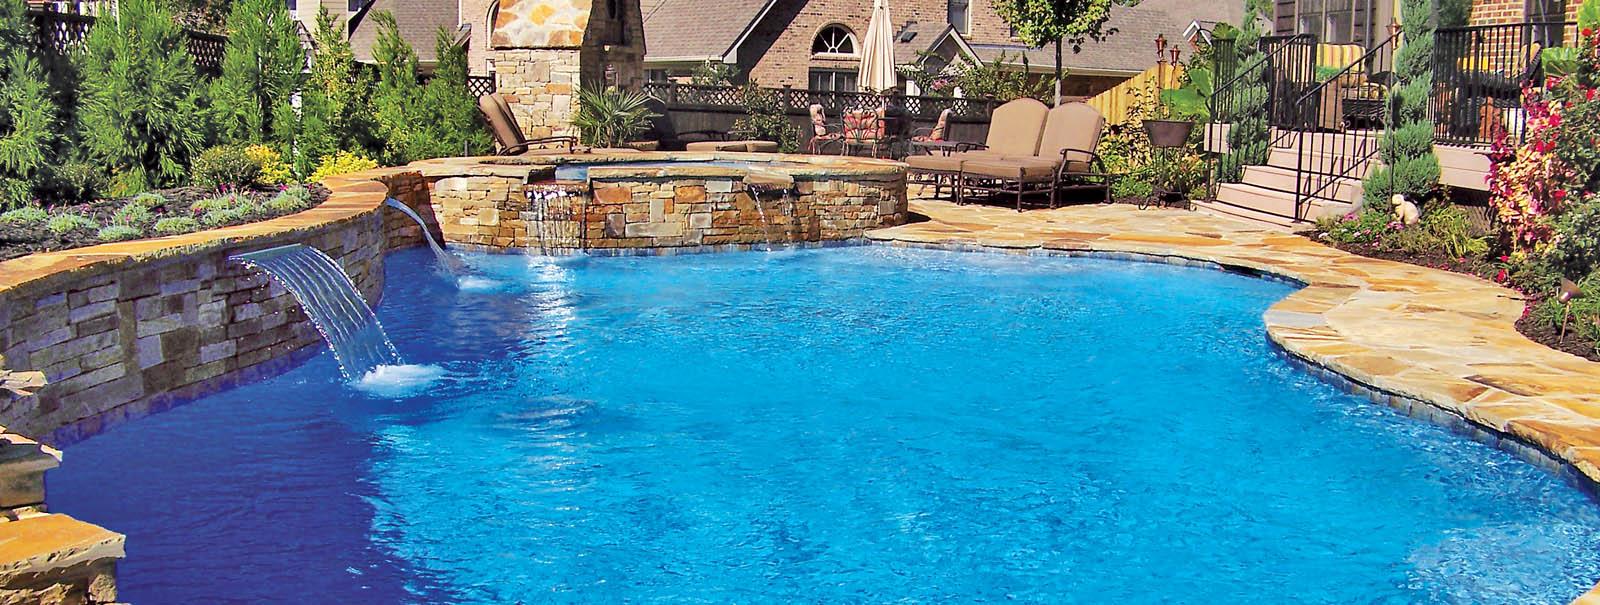 Atlanta Custom Swimming Pool Builders Blue Haven Pools